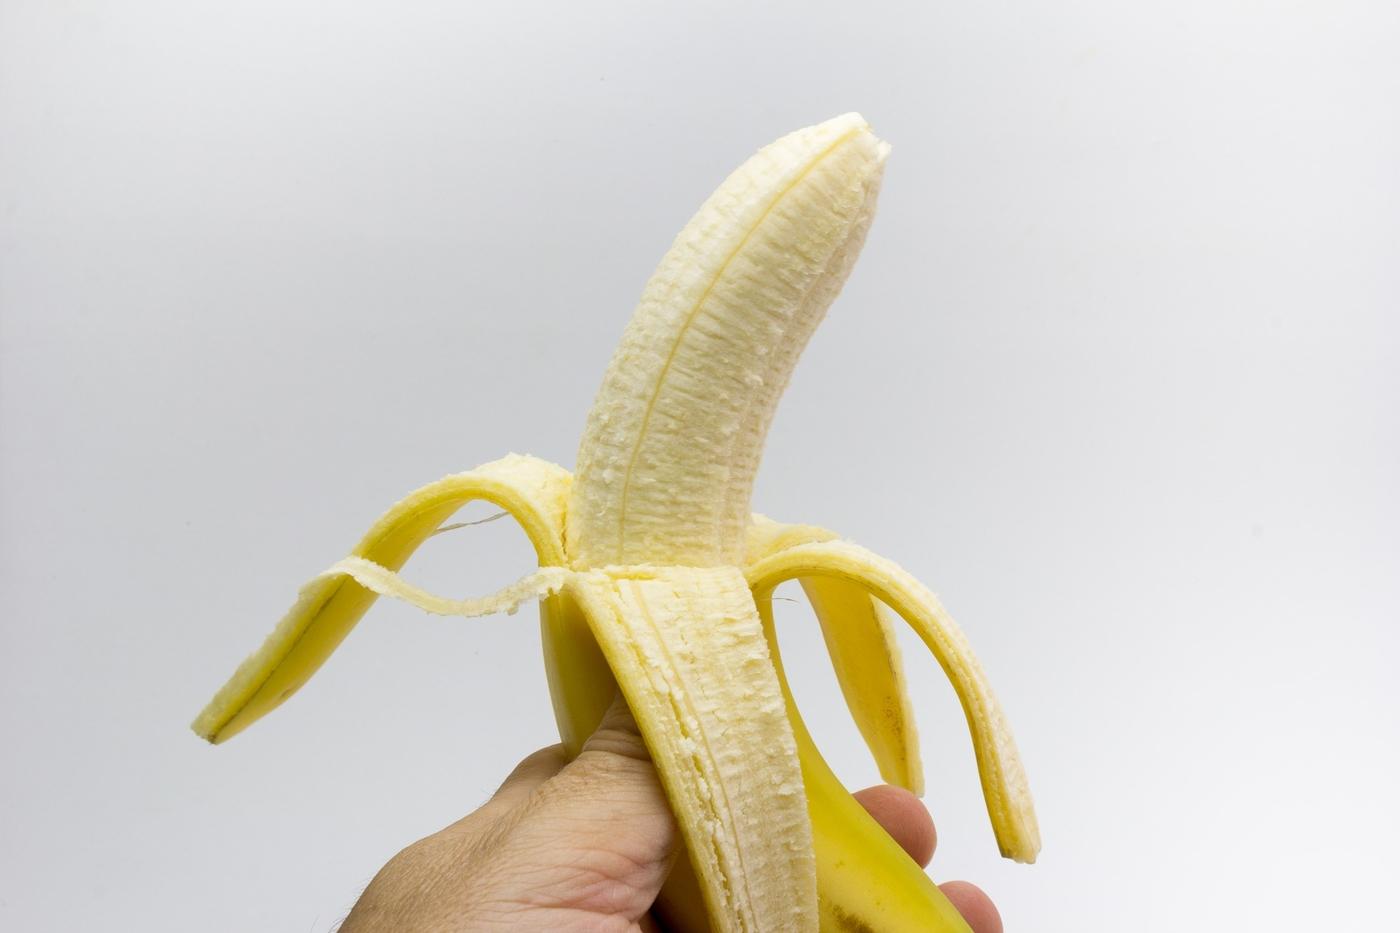 Kuinka paljon kaloreita tai sokereita on banaanissa?